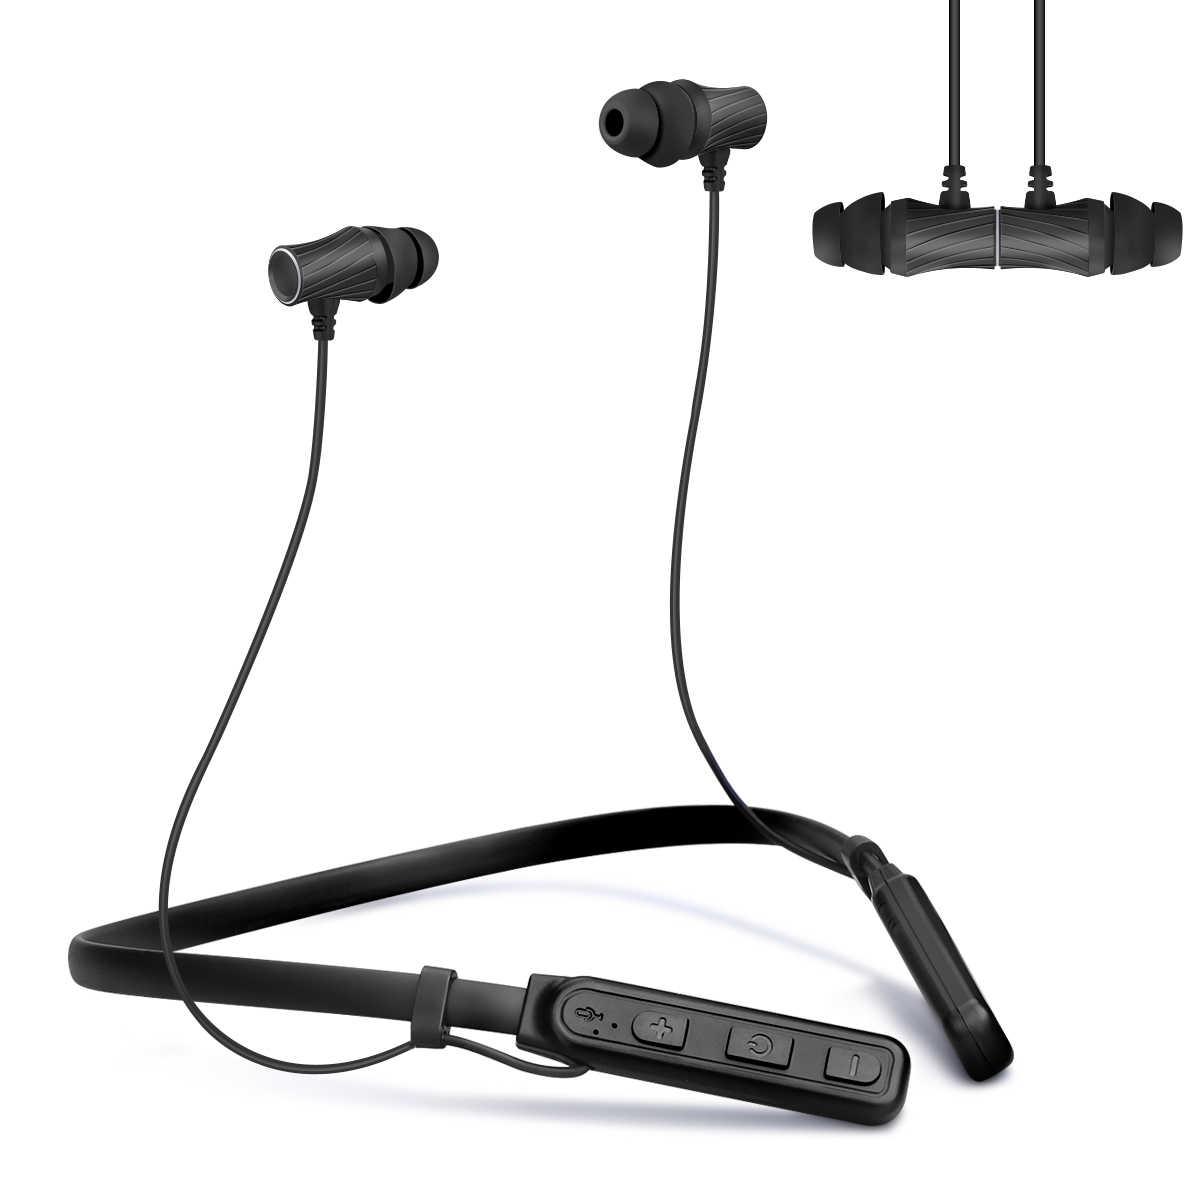 Excelvan беспроводные Bluetooth наушники беспроводные стерео наушники магнитные наушники шумоподавление с Hi-Fi стерео Встроенный микрофон